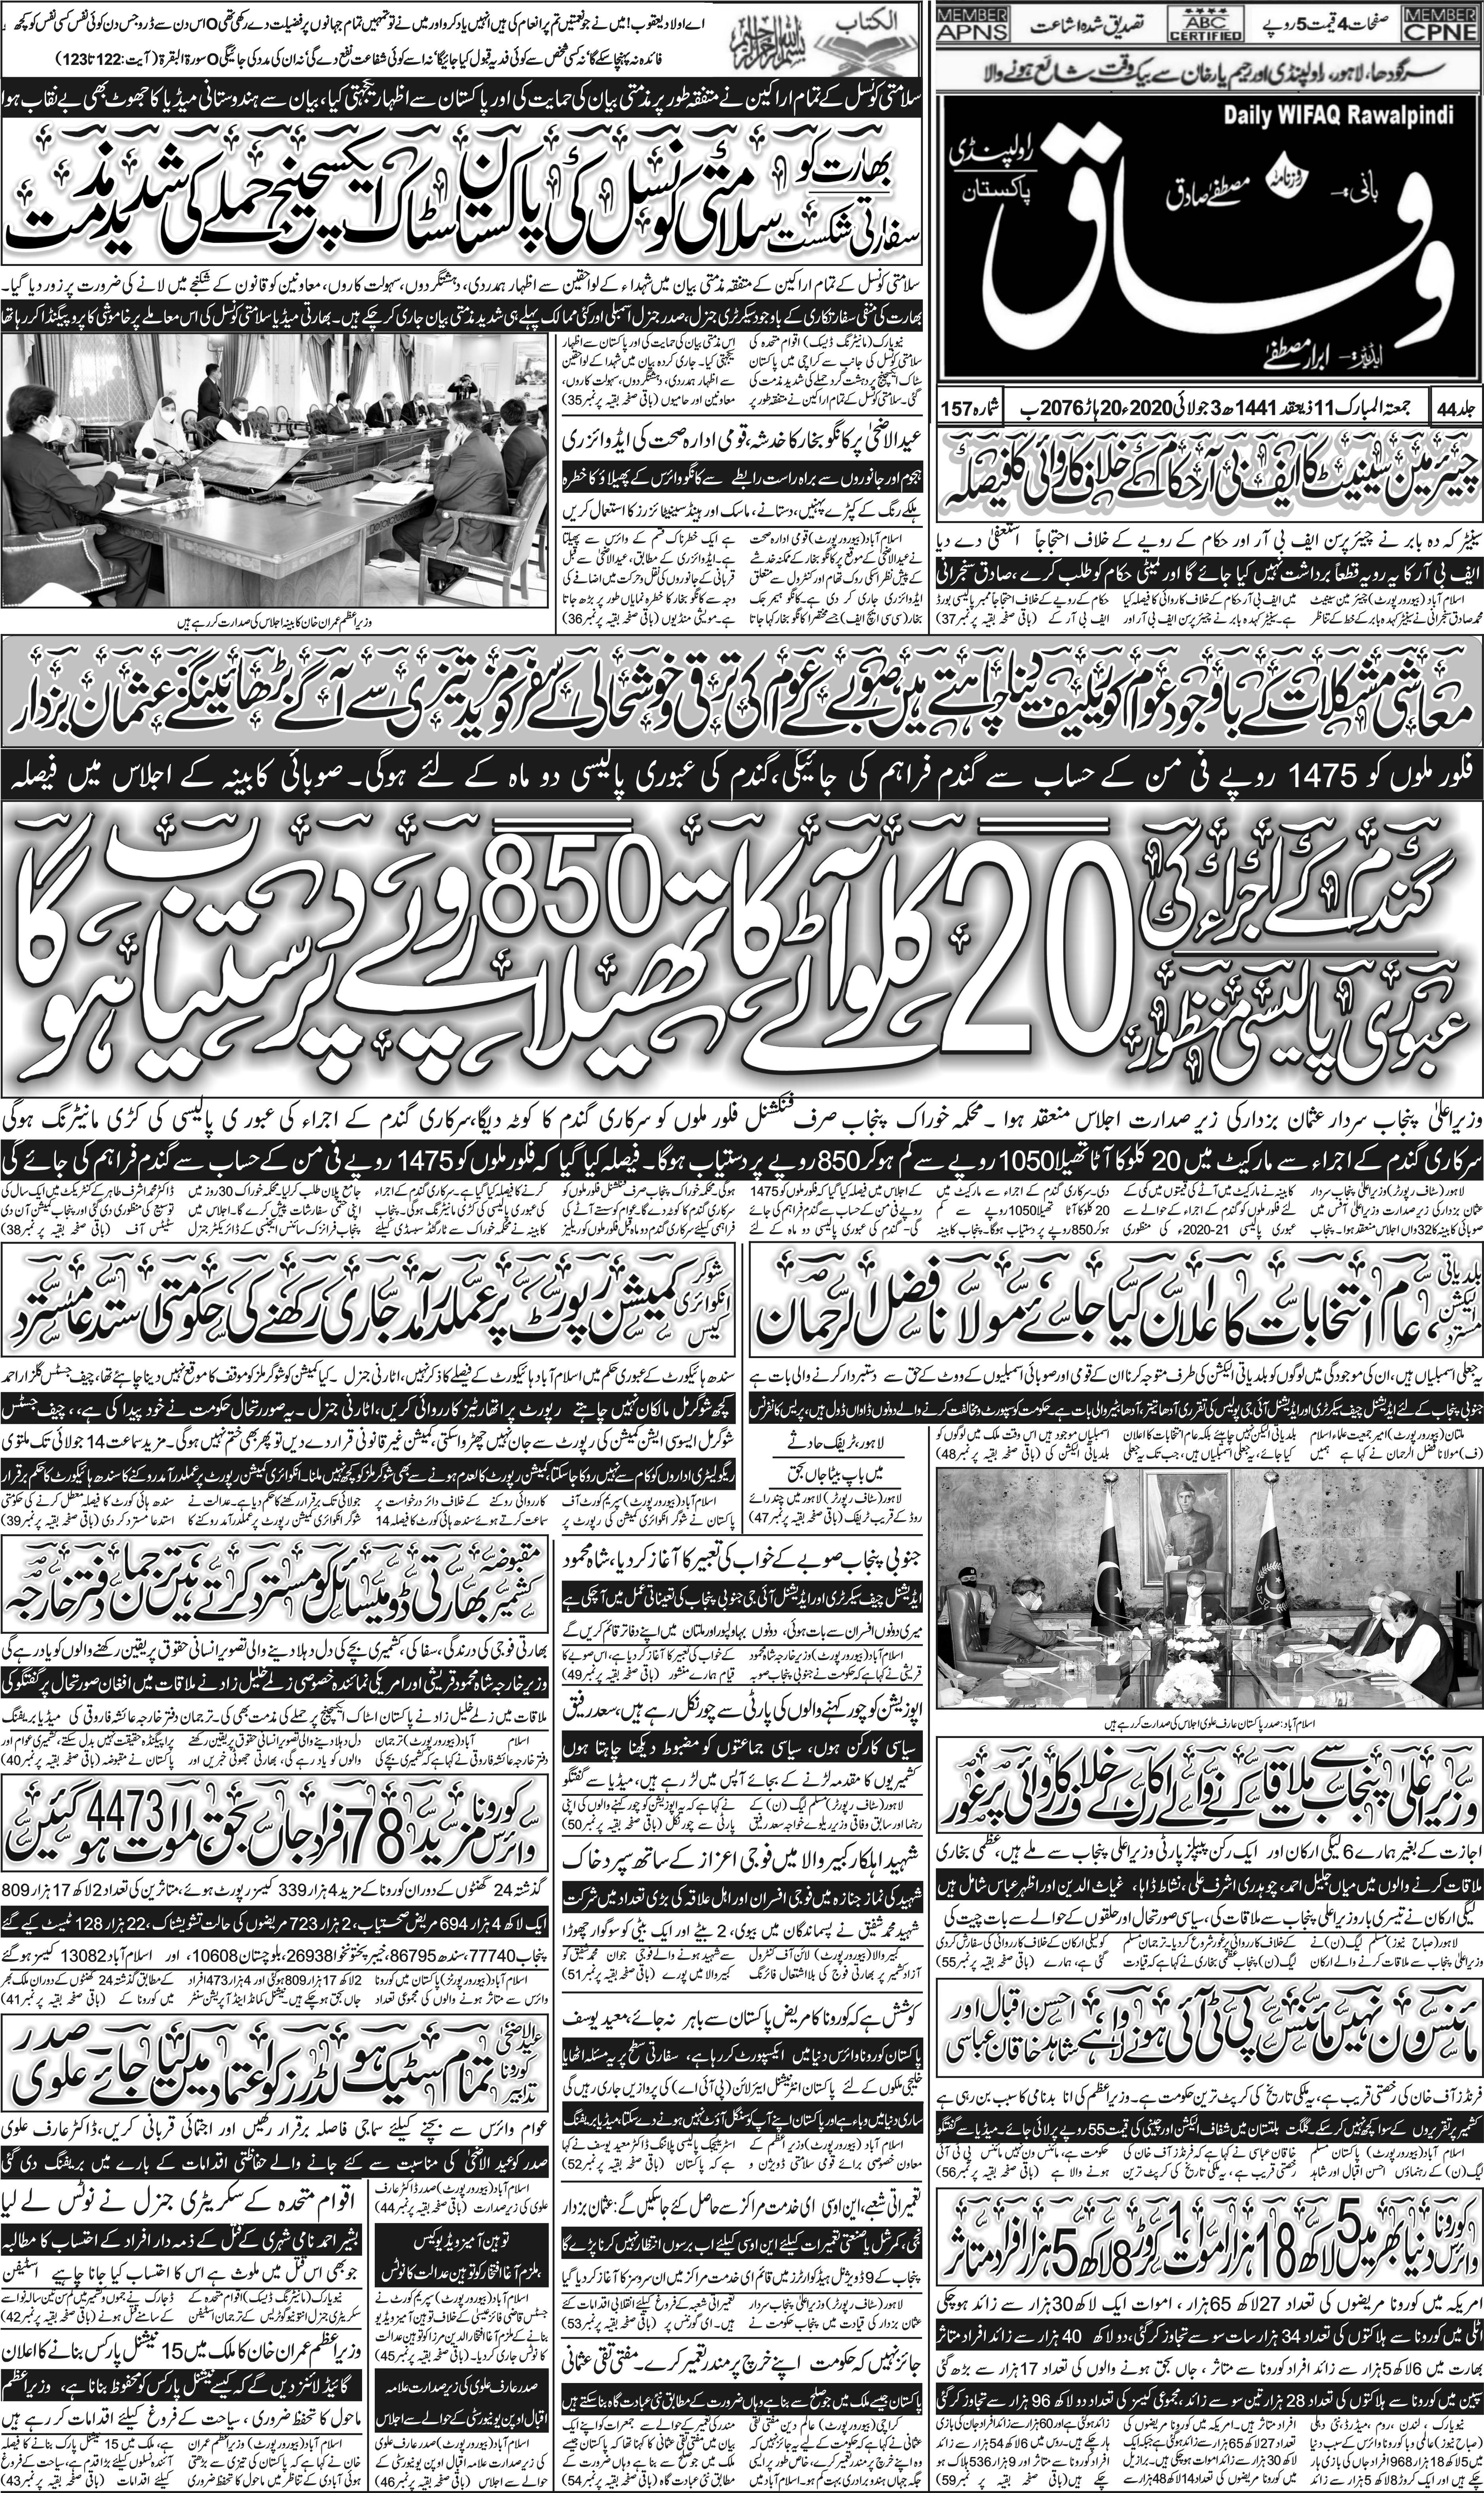 e-Paper – Daily Wifaq – Rawalpindi – 03-07-2020